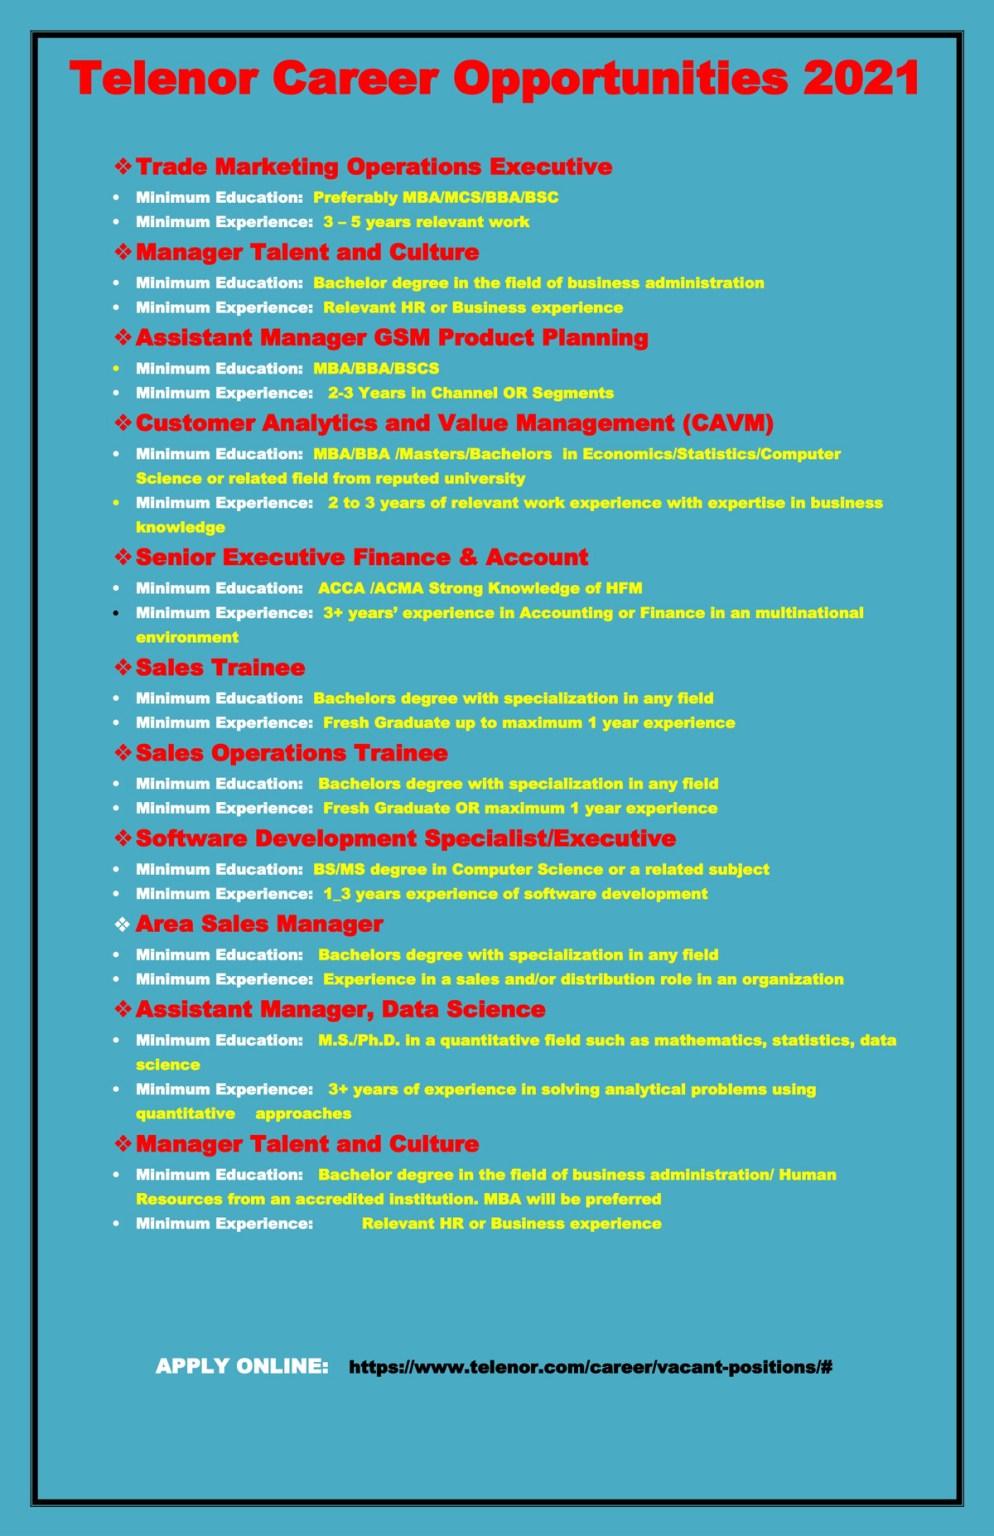 Telenor Pakistan Jobs 2021 - Telenor Call Center Jobs 2021 - Telenor Jobs Islamabad - Telenor Careers